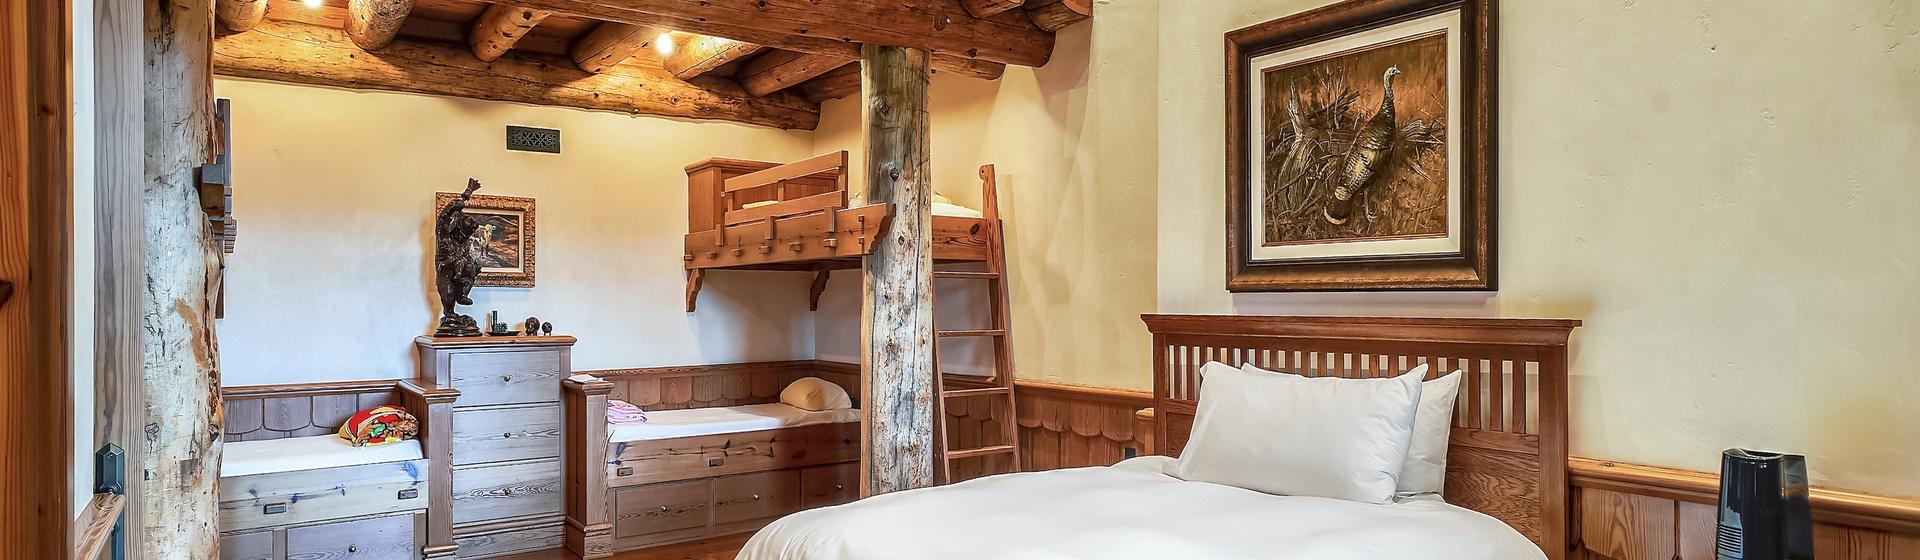 9.6-Telluride-Sleeping-Indian-Ranch-Swiss-Suite-Bunk-Bedroom-H-3-web.JPG